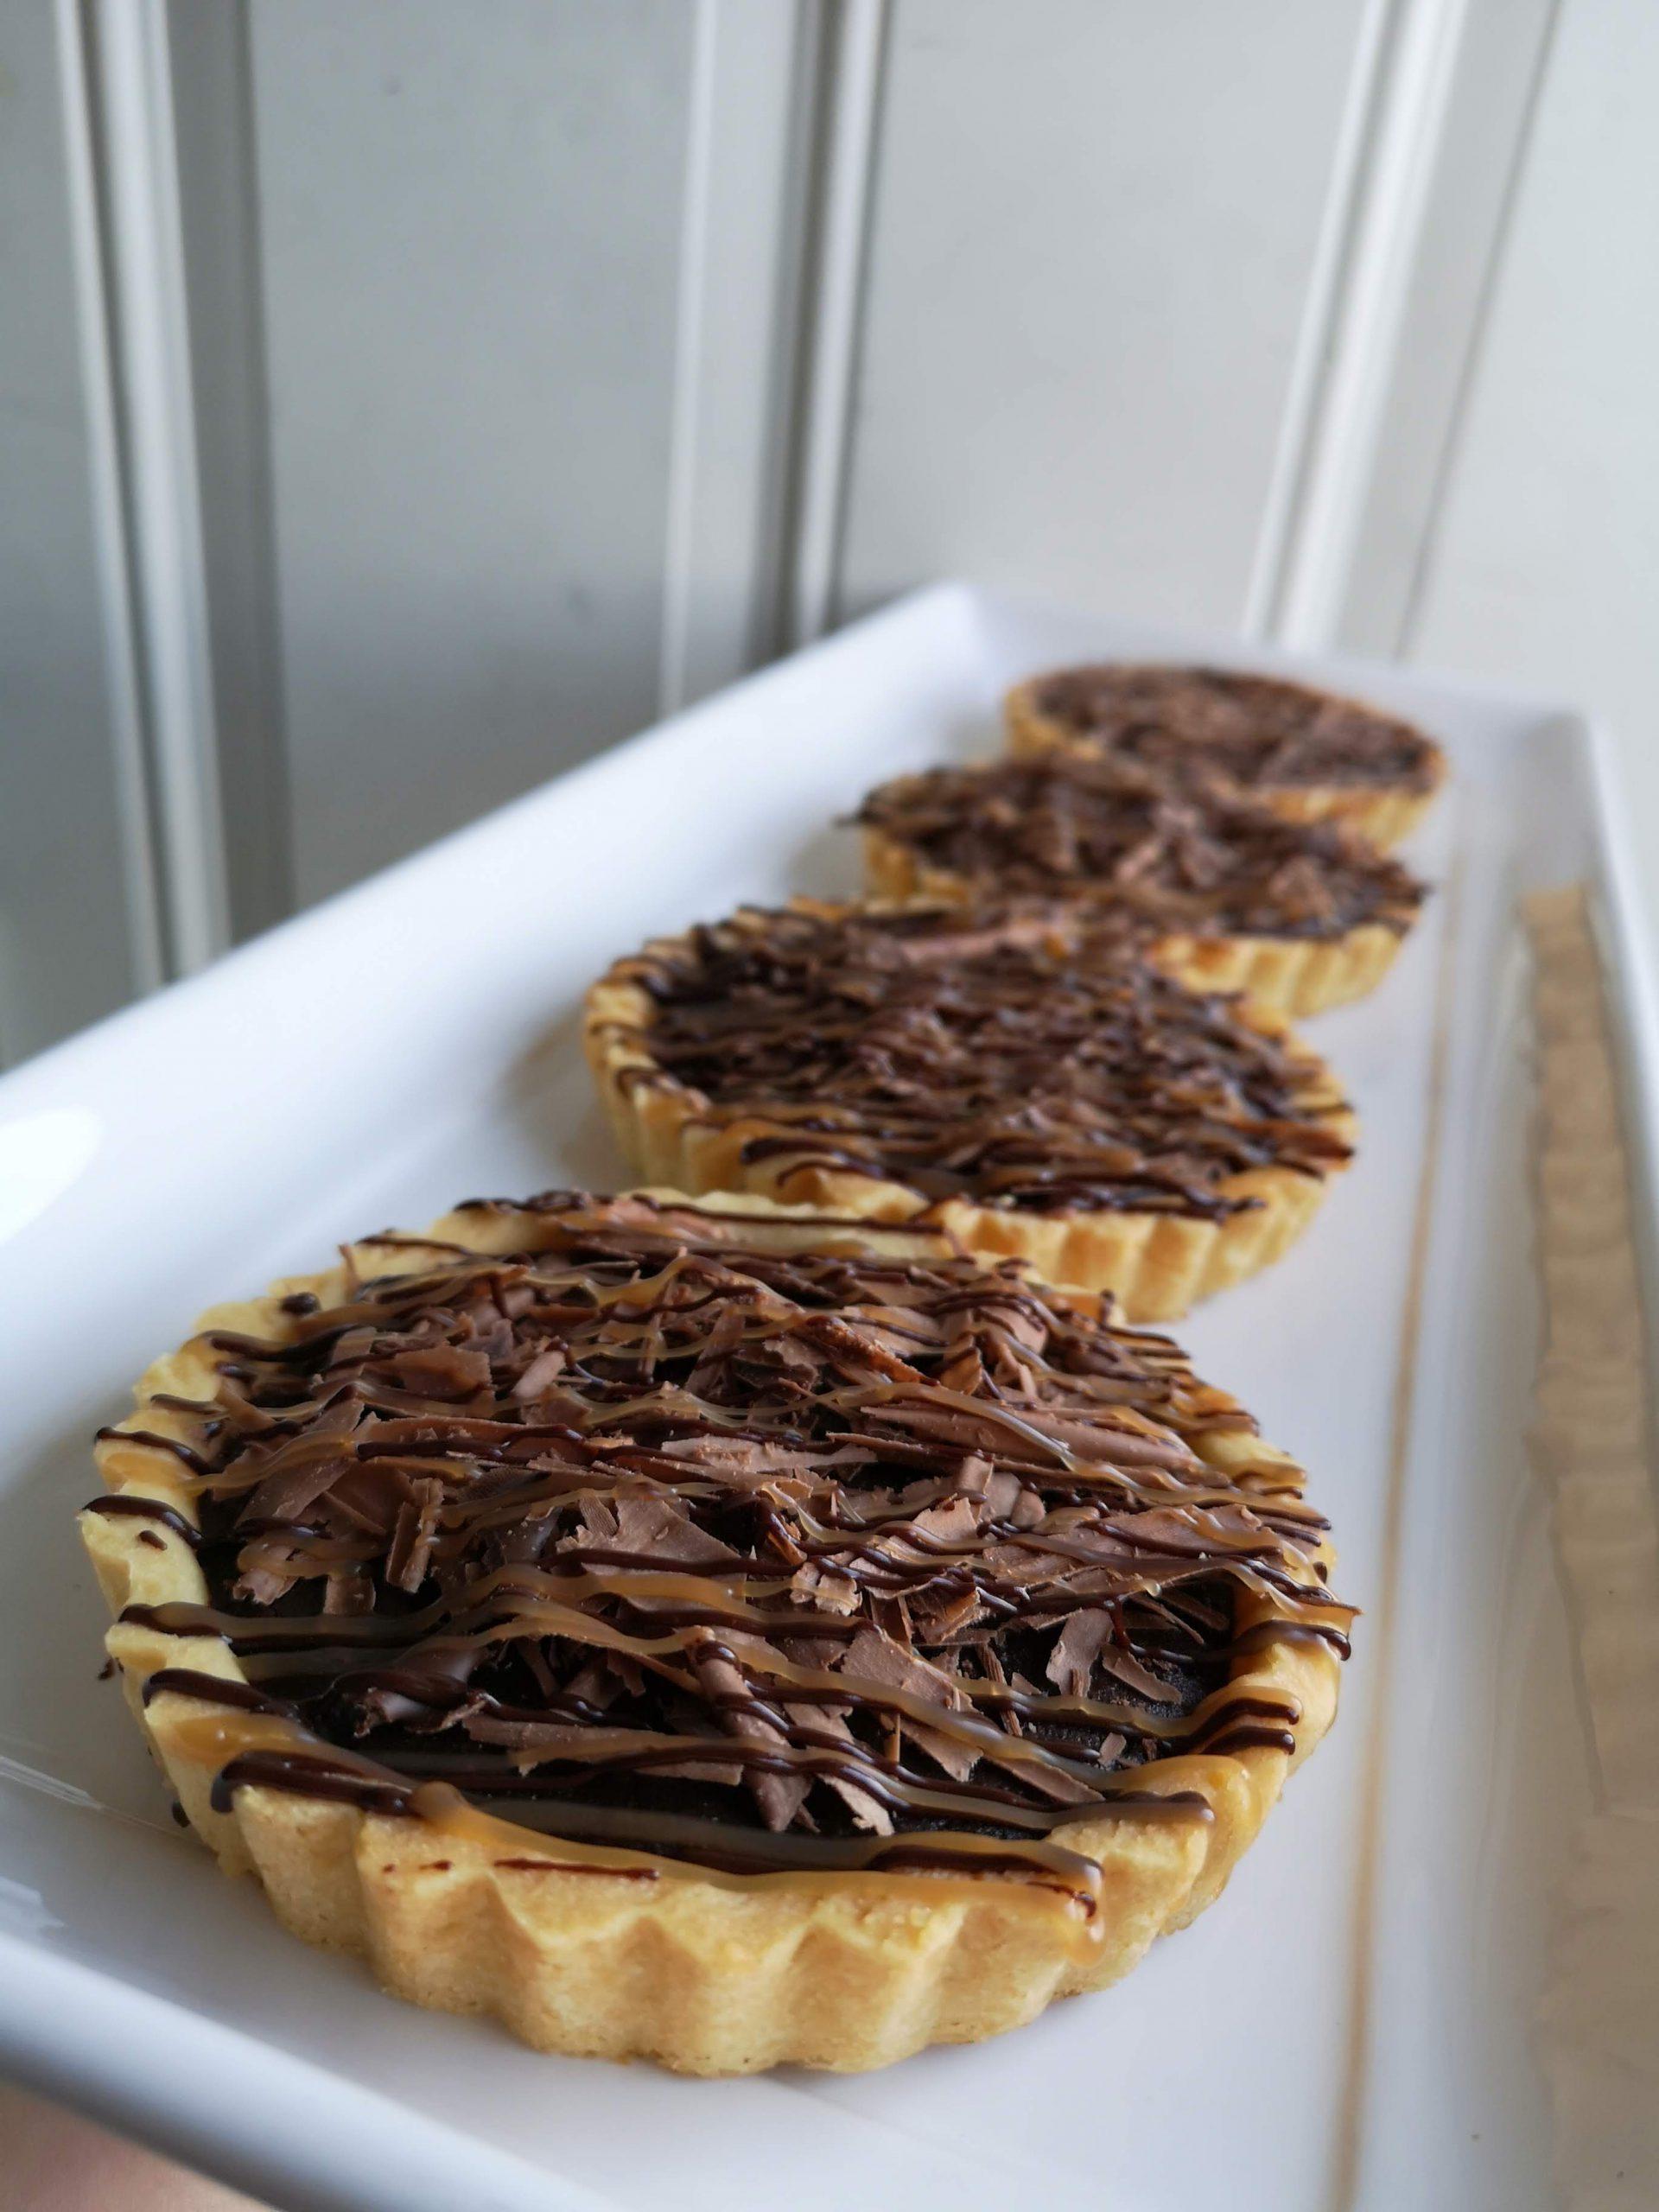 Custom baking - Chocolate Tart